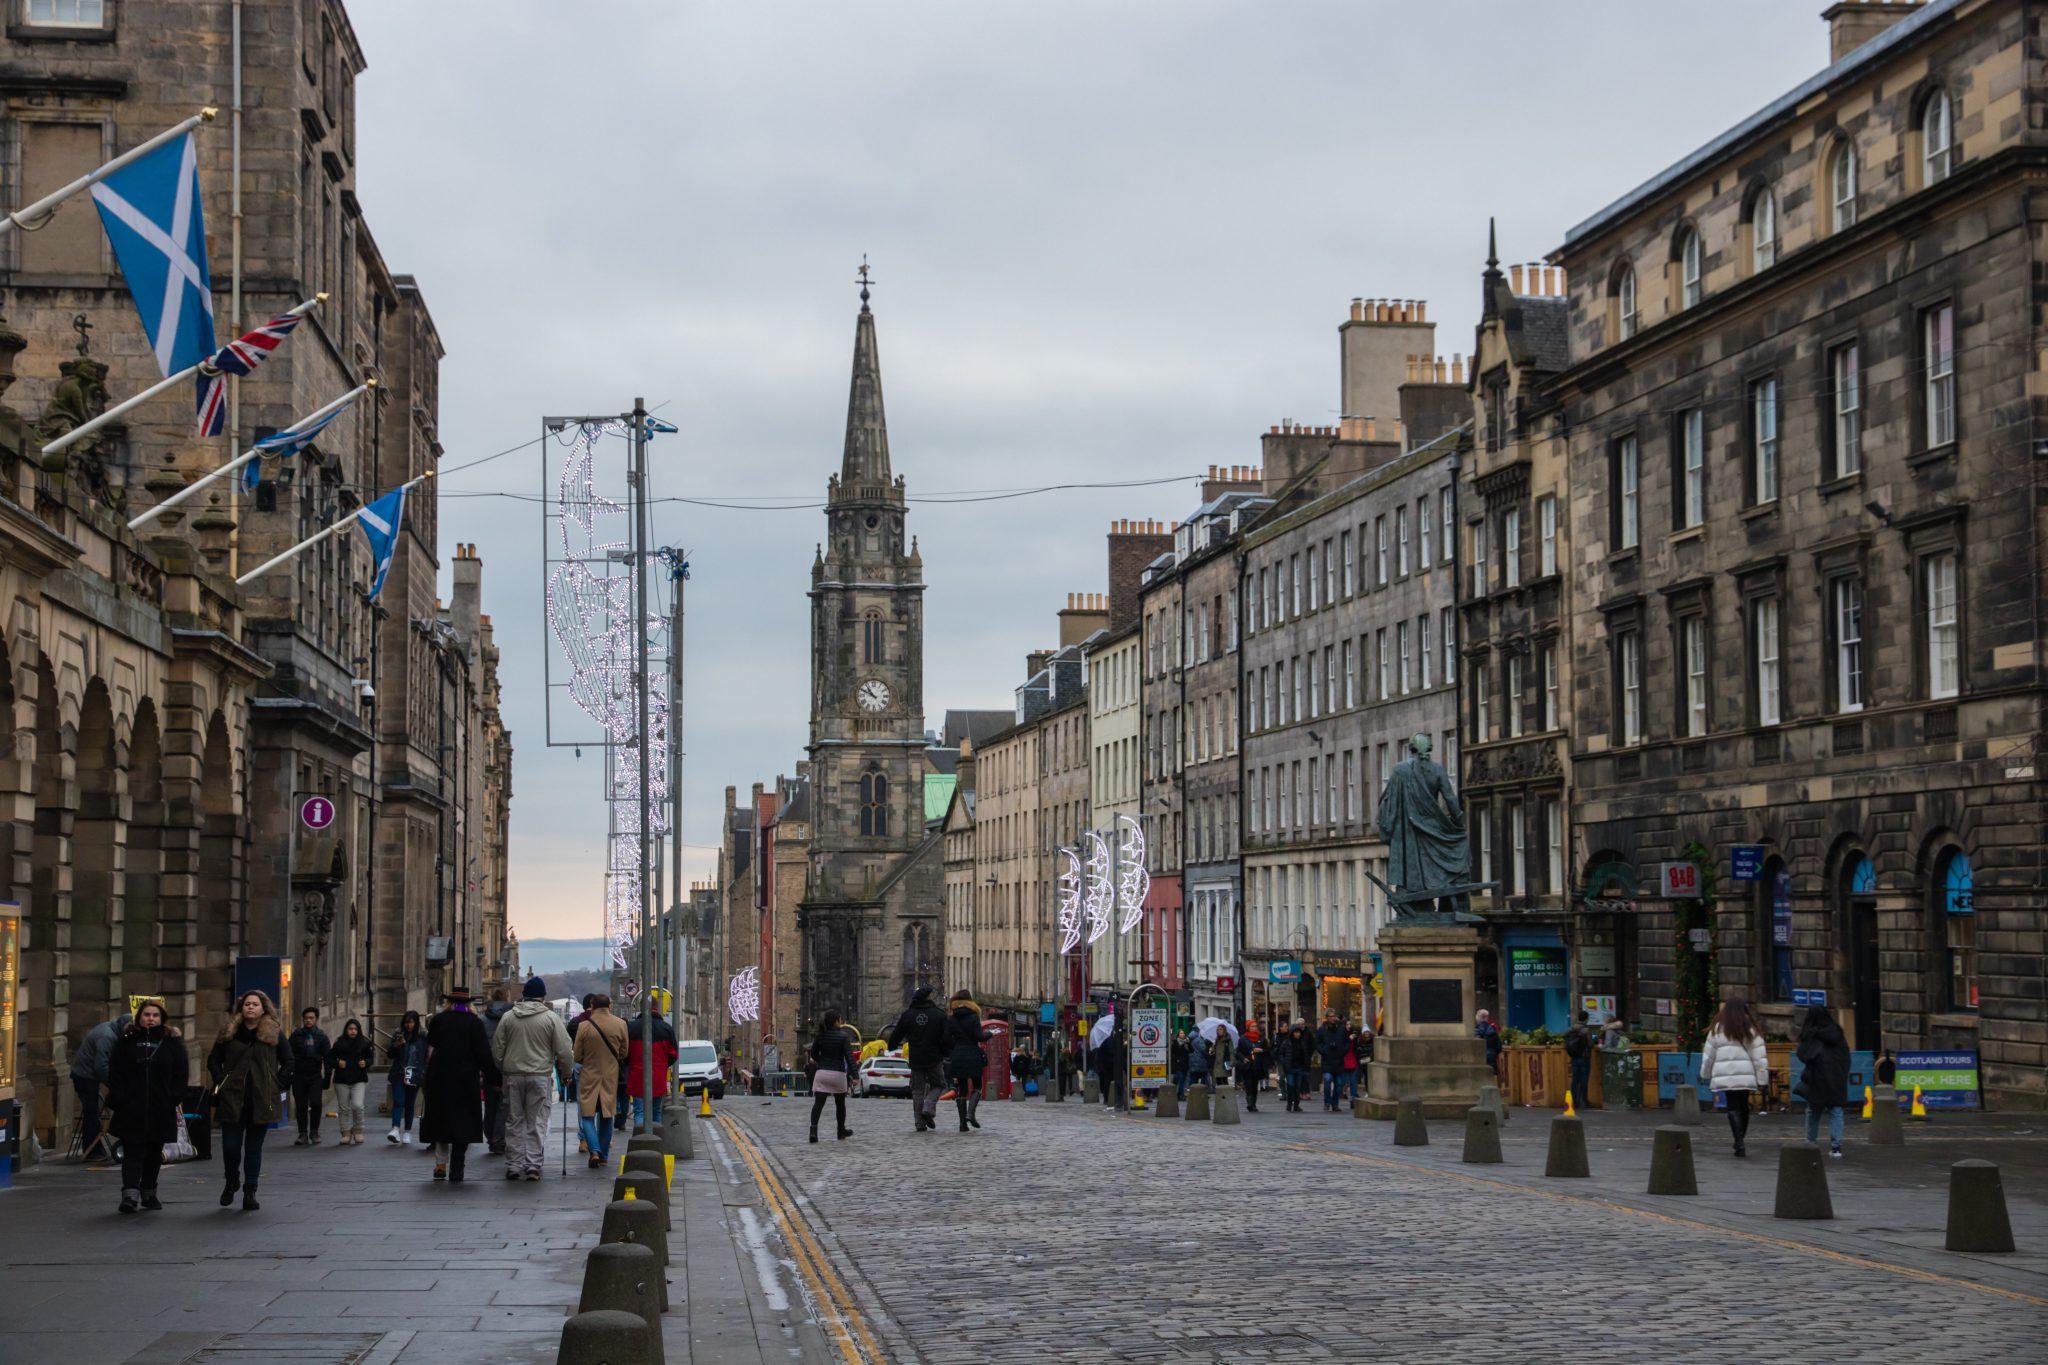 The Royal Mile en haar smalle straatjes, in Edinburgh